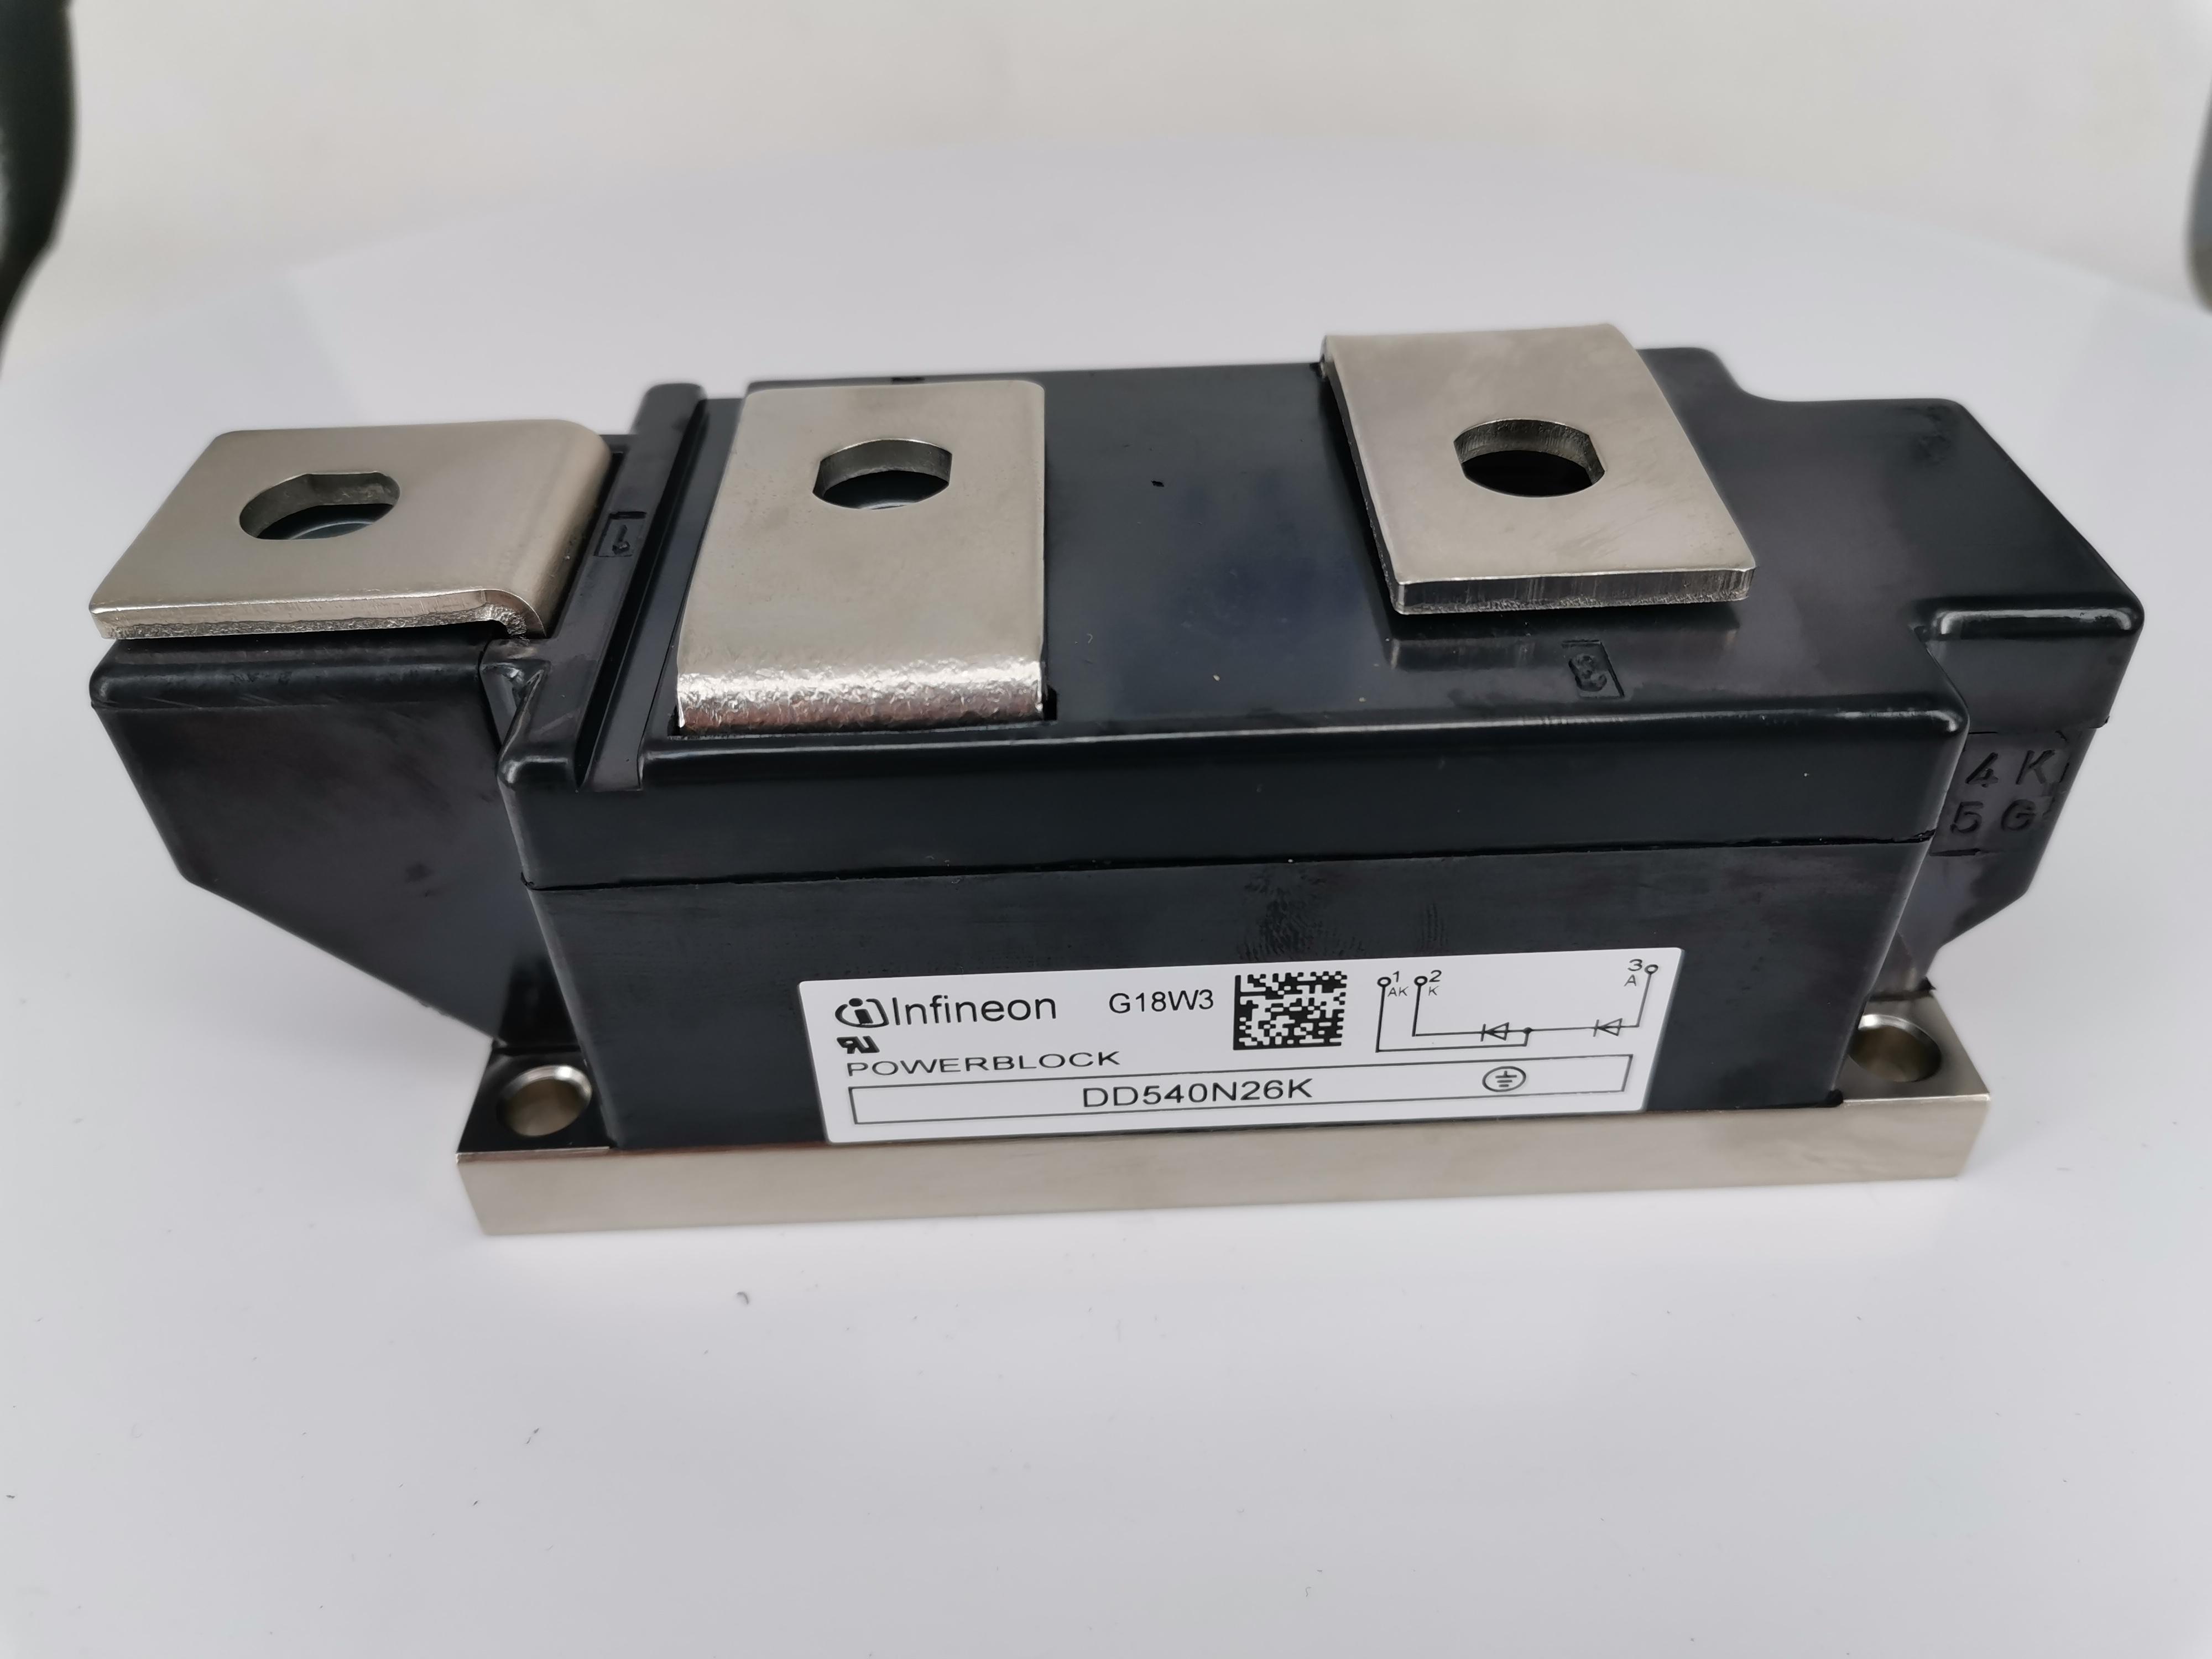 全新英飞凌二极管模块 DZ1070N22K  晶闸管可控硅功率模块 现货直销